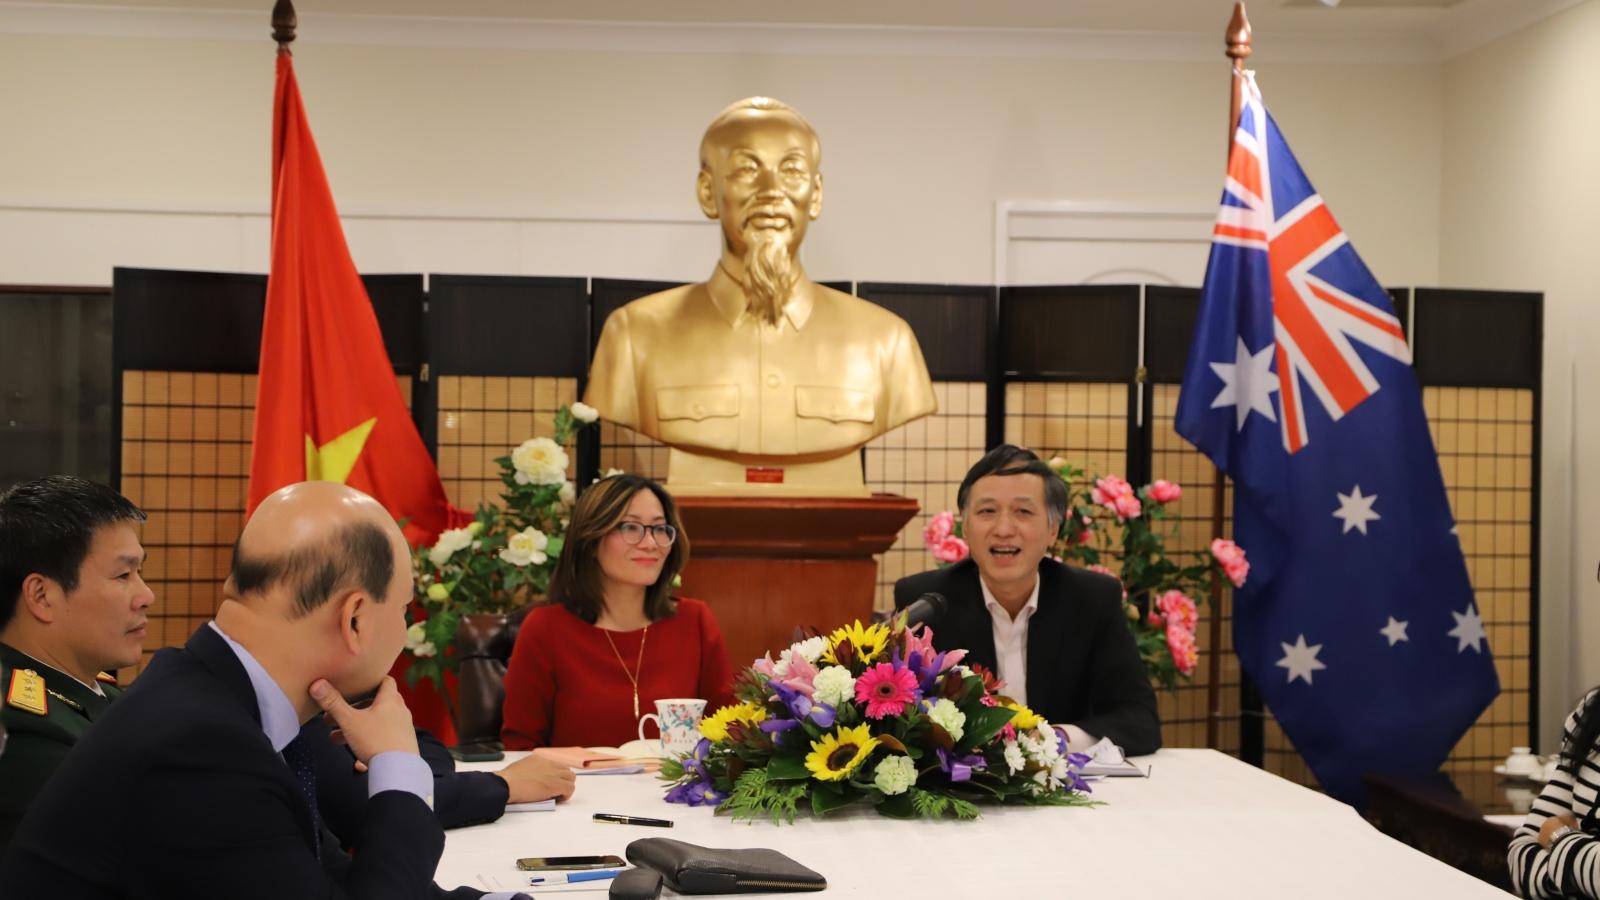 Kiều bào tại Australia đặt nhiều kỳ vọng vào đội ngũ lãnh đạo mới của Đảng